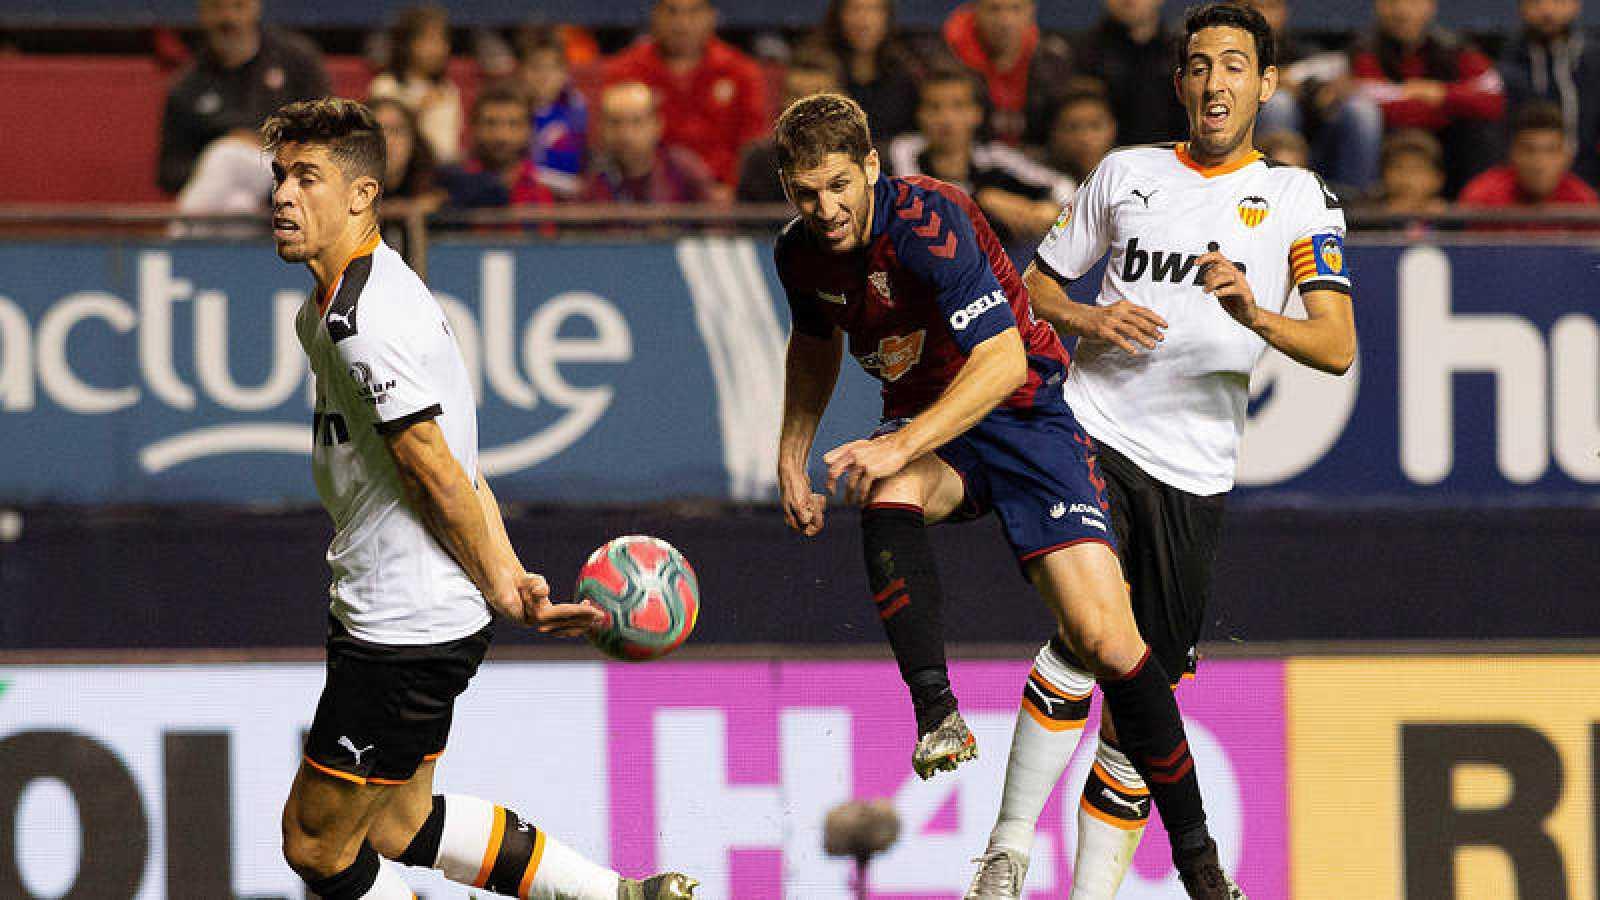 El centrocampista del Osasuna Darko Brasanac lanza ante la oposición del defensa Valencia Gabriel Paulista.